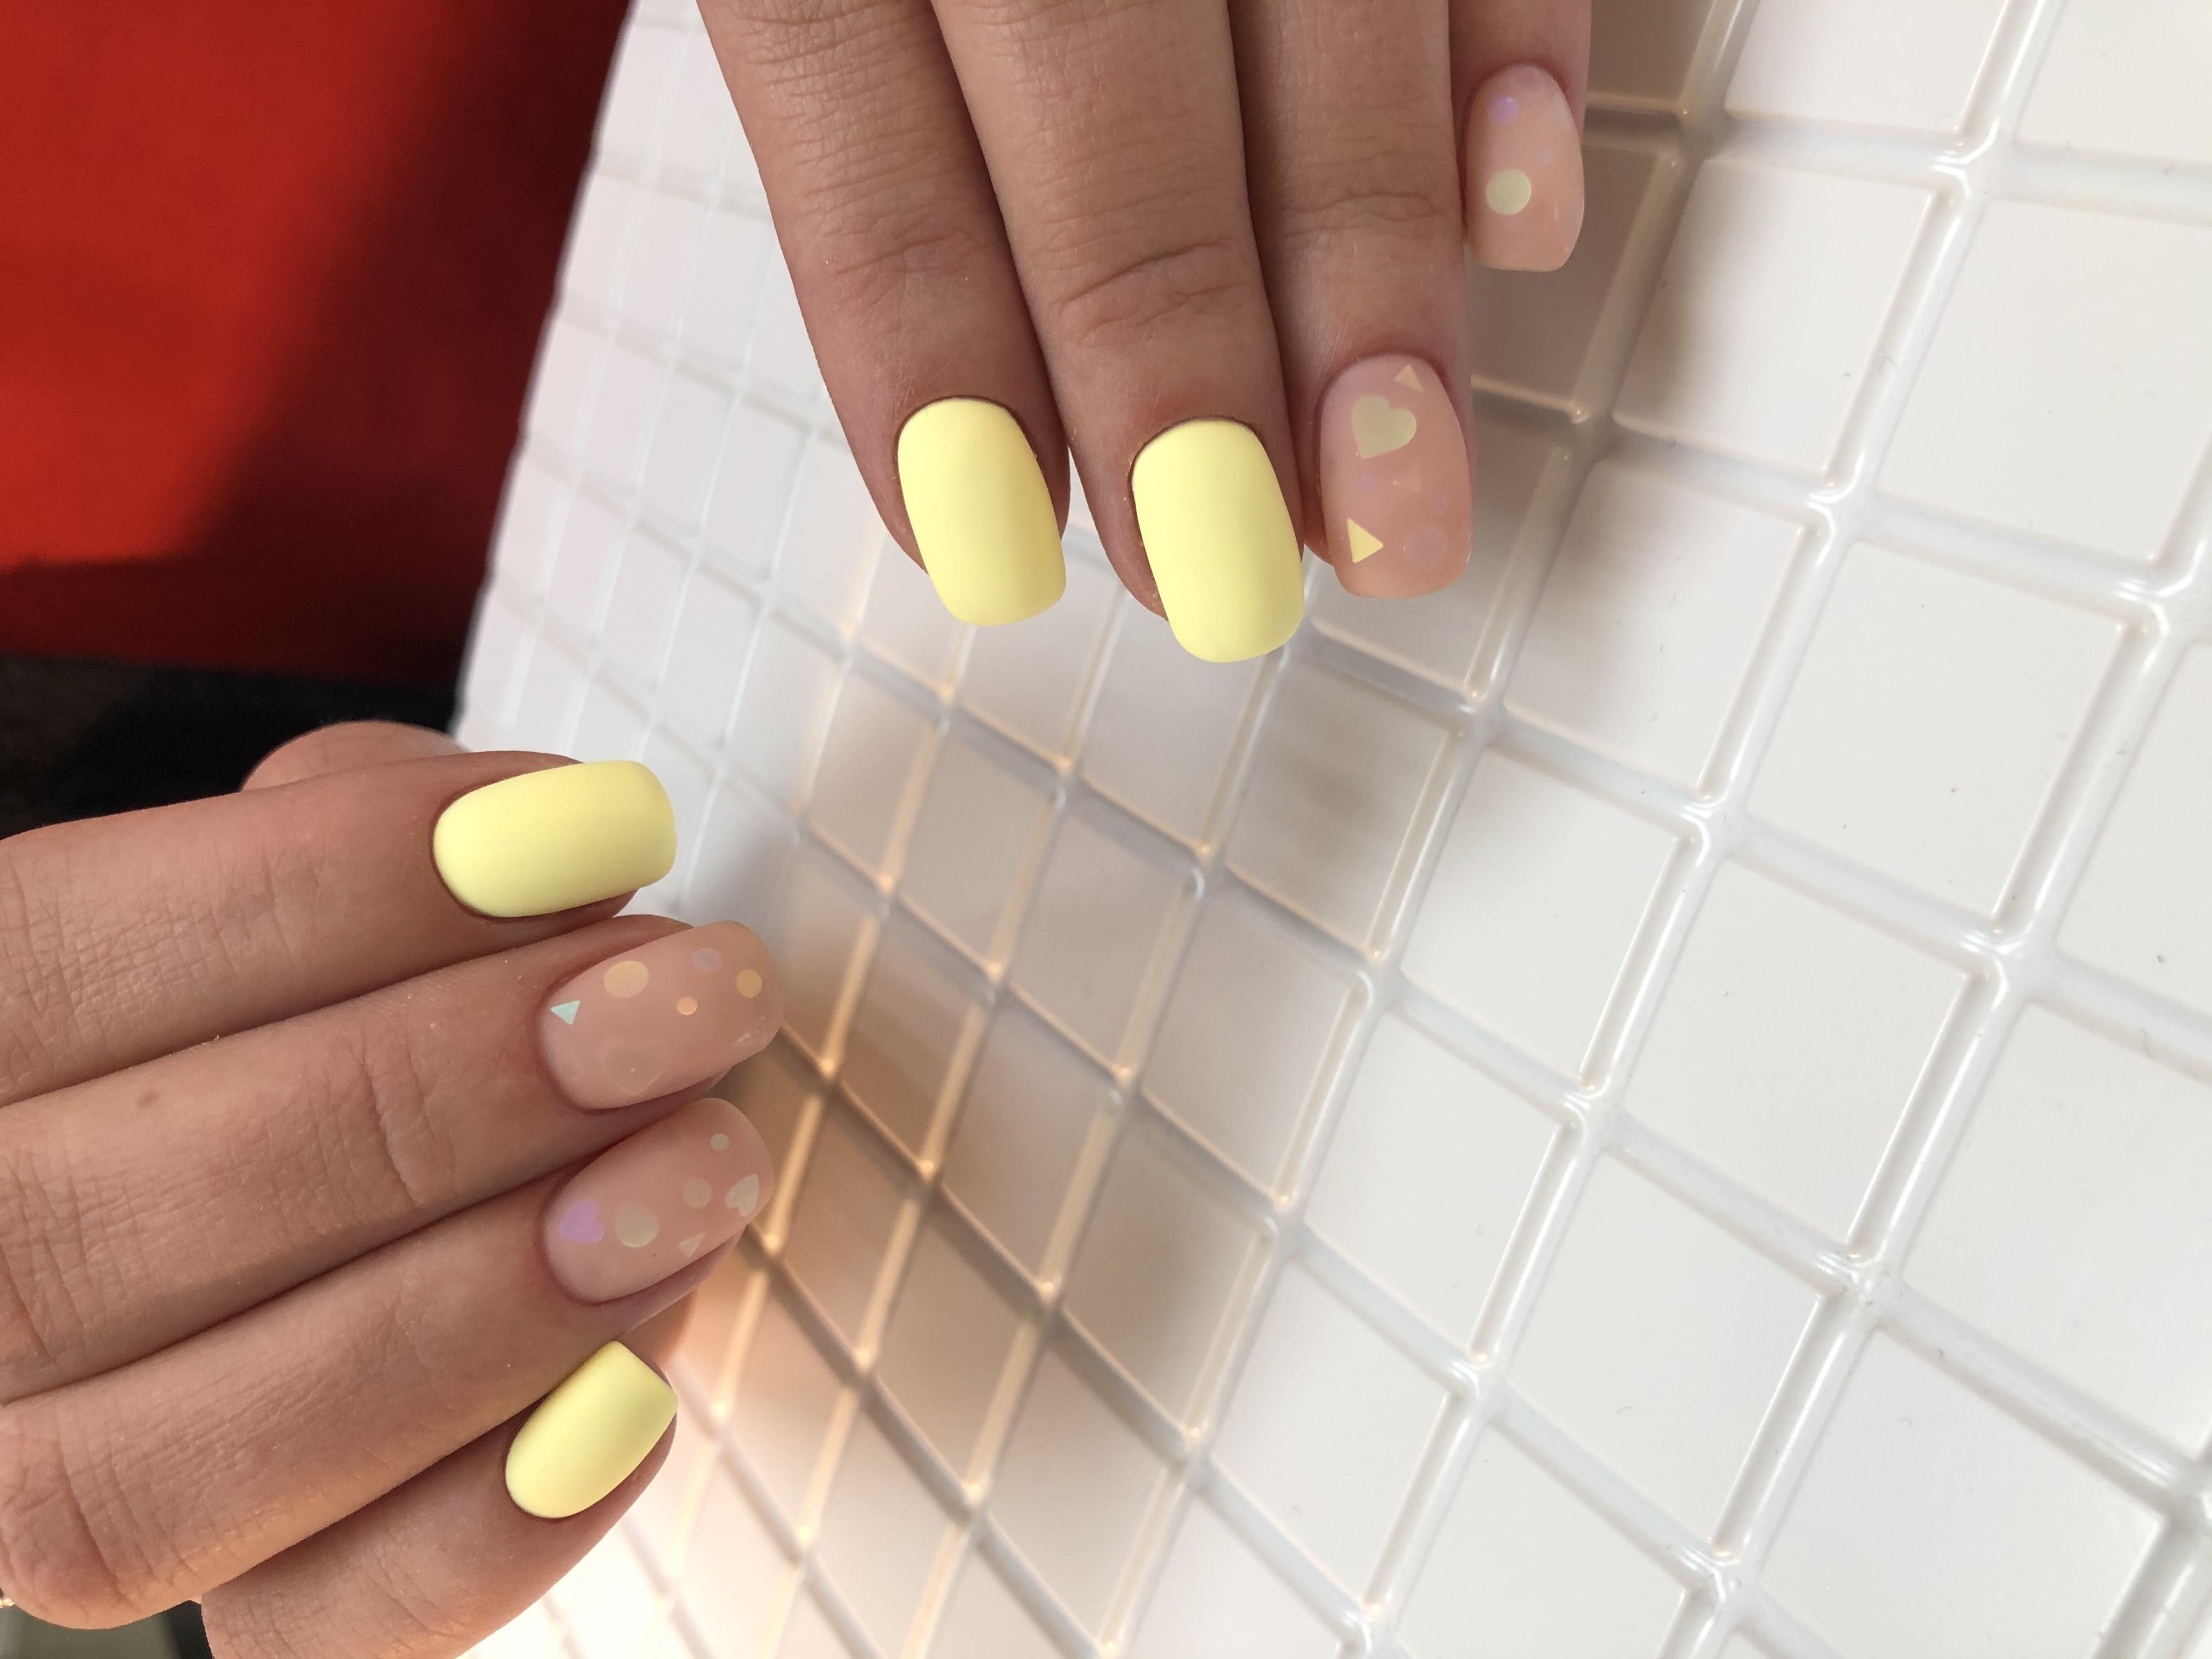 Матовый маникюр с камифубуки в желтом цвете.